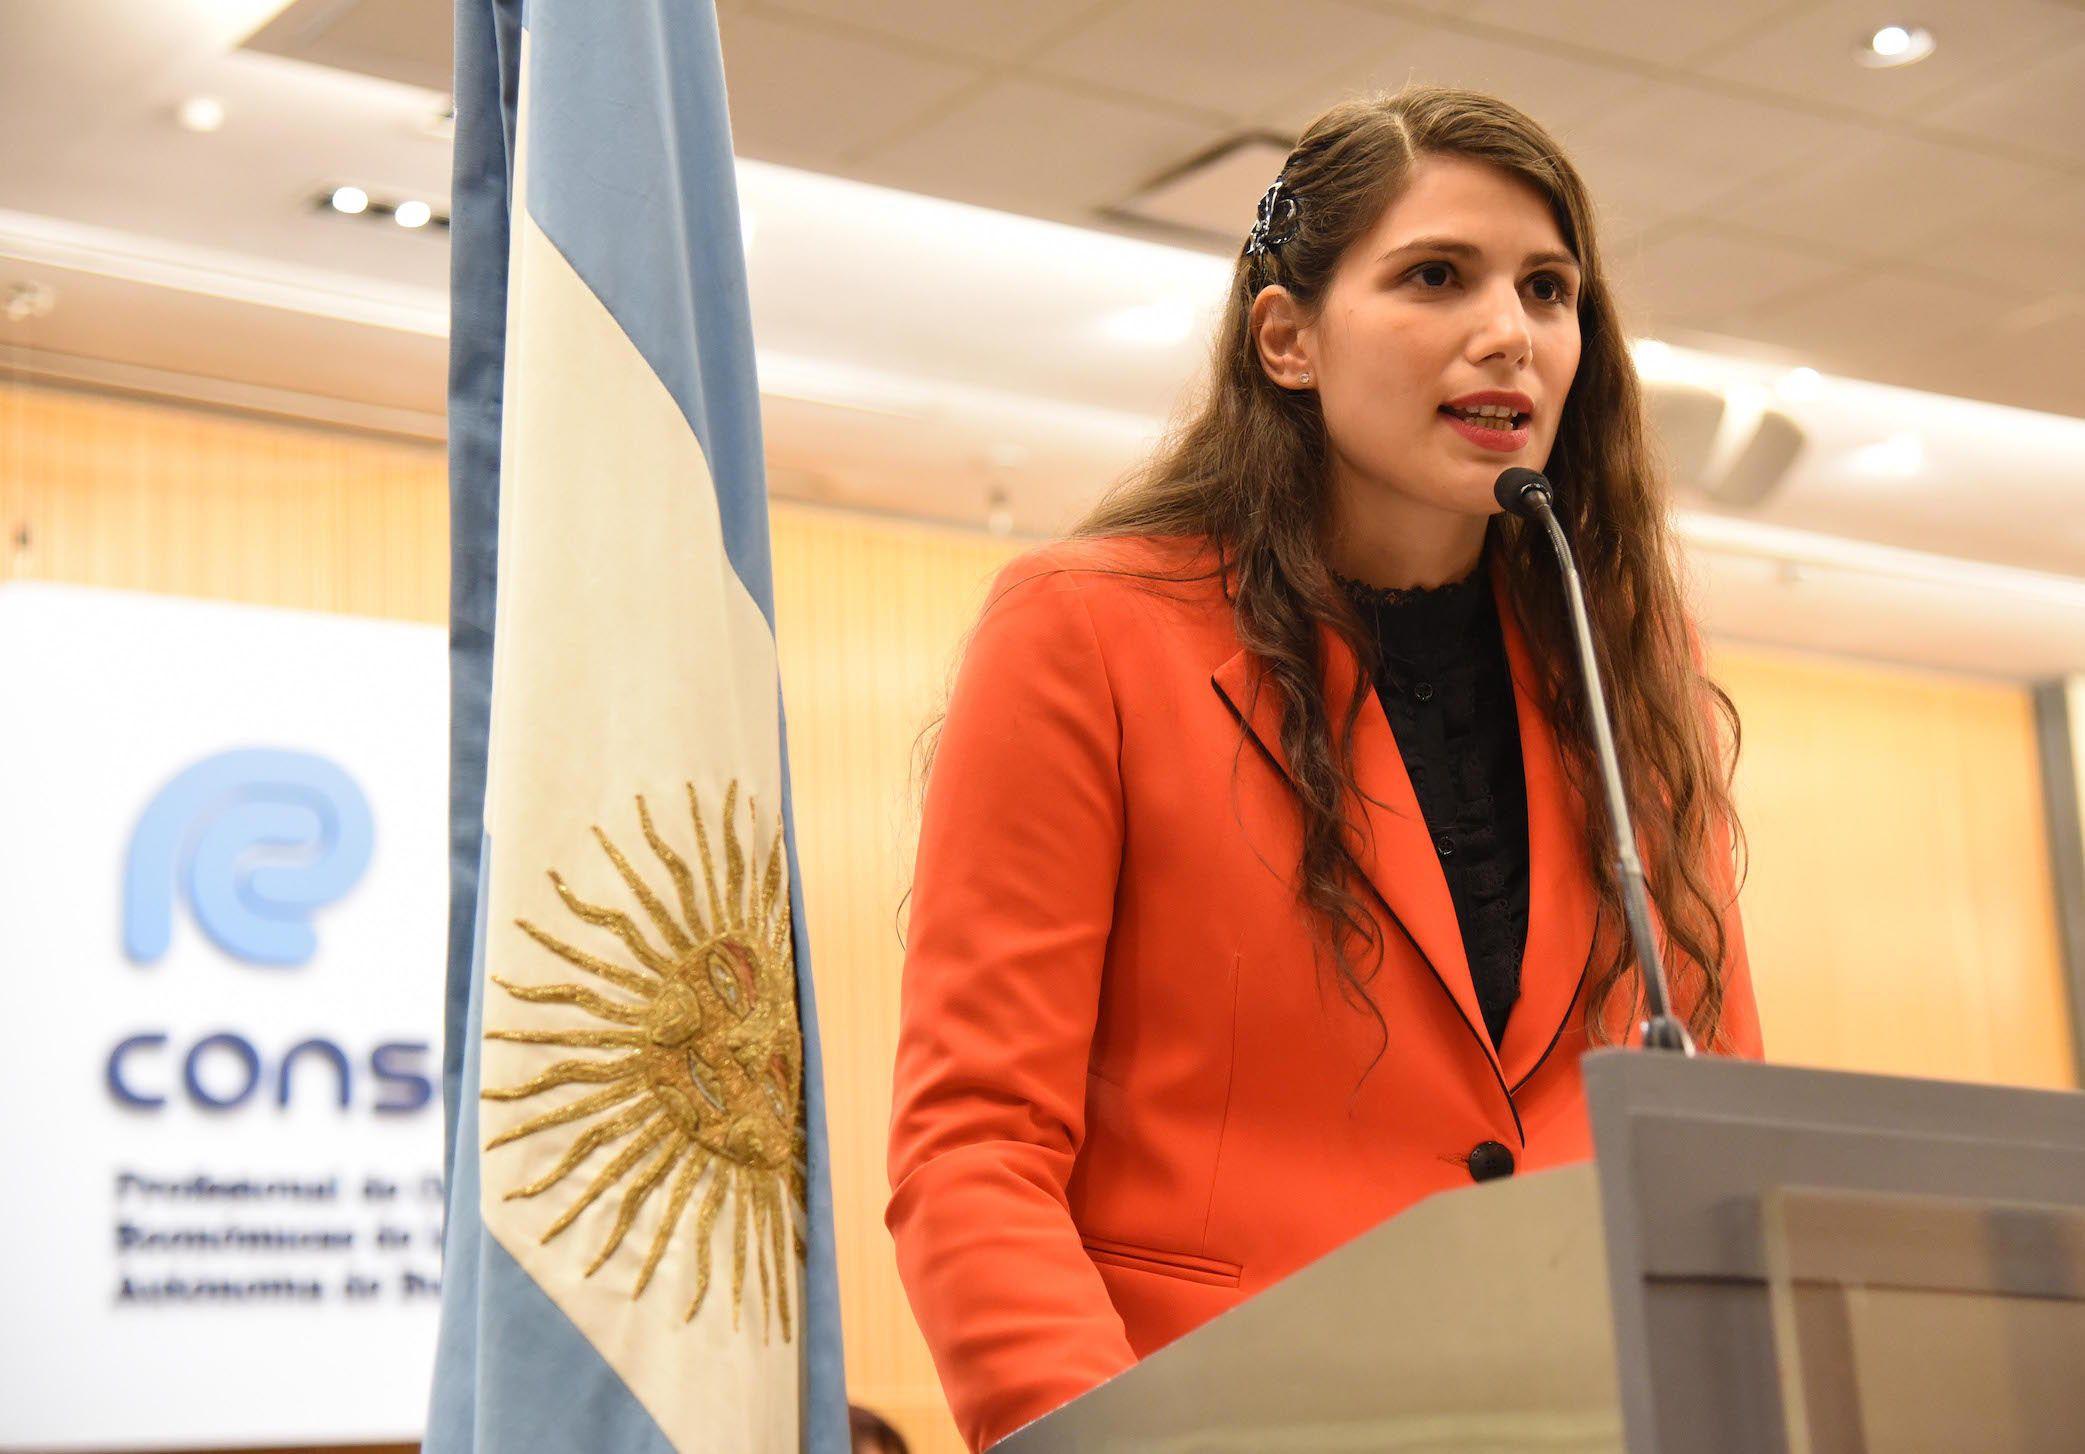 Gabriela Russo, presidenta del Consejo de profesionales de Ciencias Económicas porteño